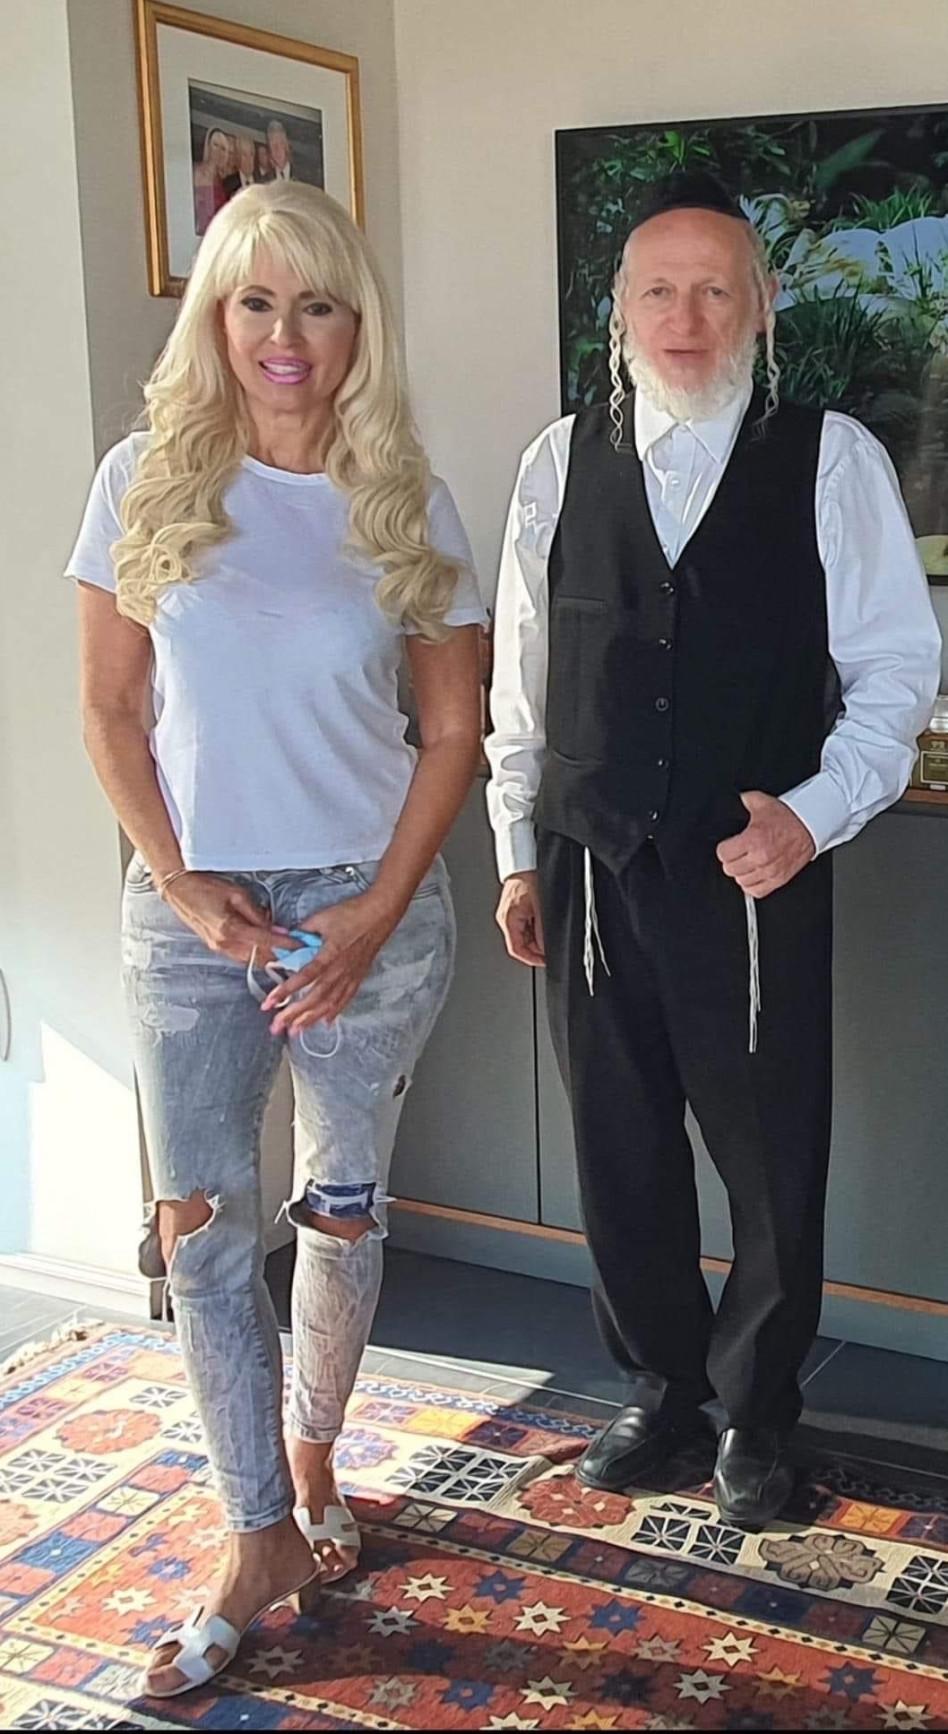 יהודה משי זהב ופנינה רוזנבלום (צילום: ענת מחנאי)